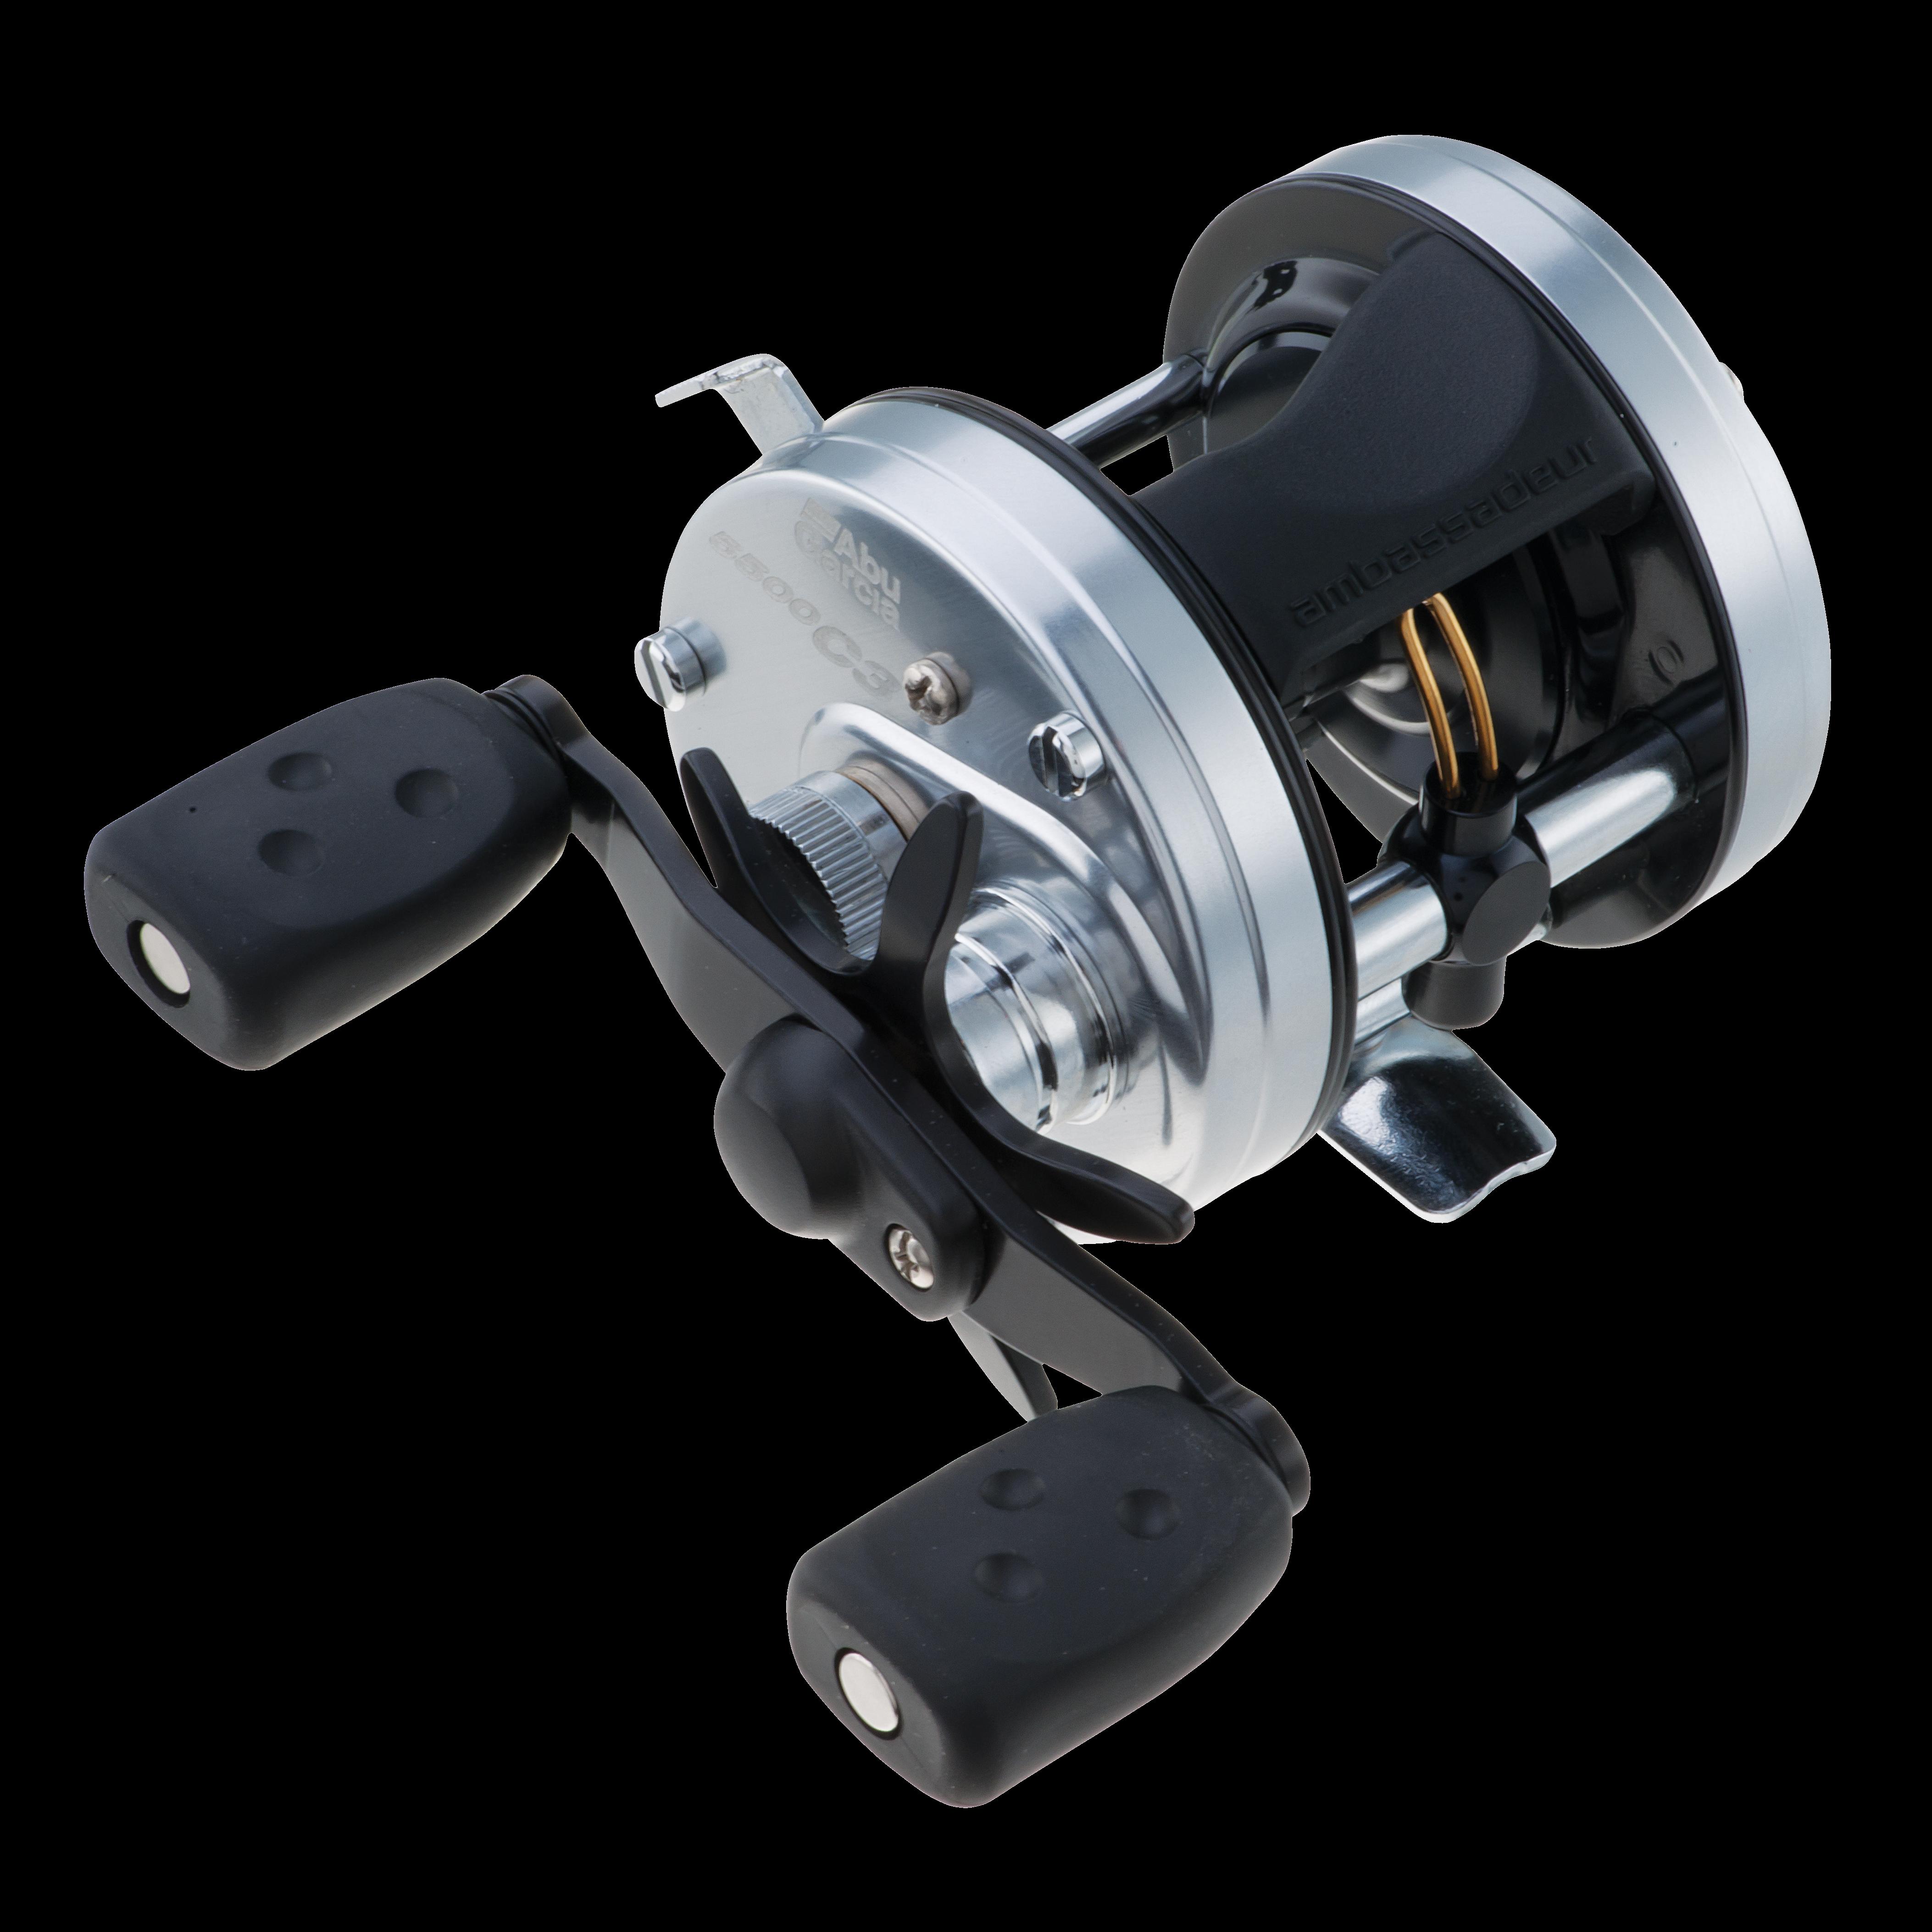 Abu Garcia 6500 C3 CT Mag Pro Multiplicateur//fishing reel